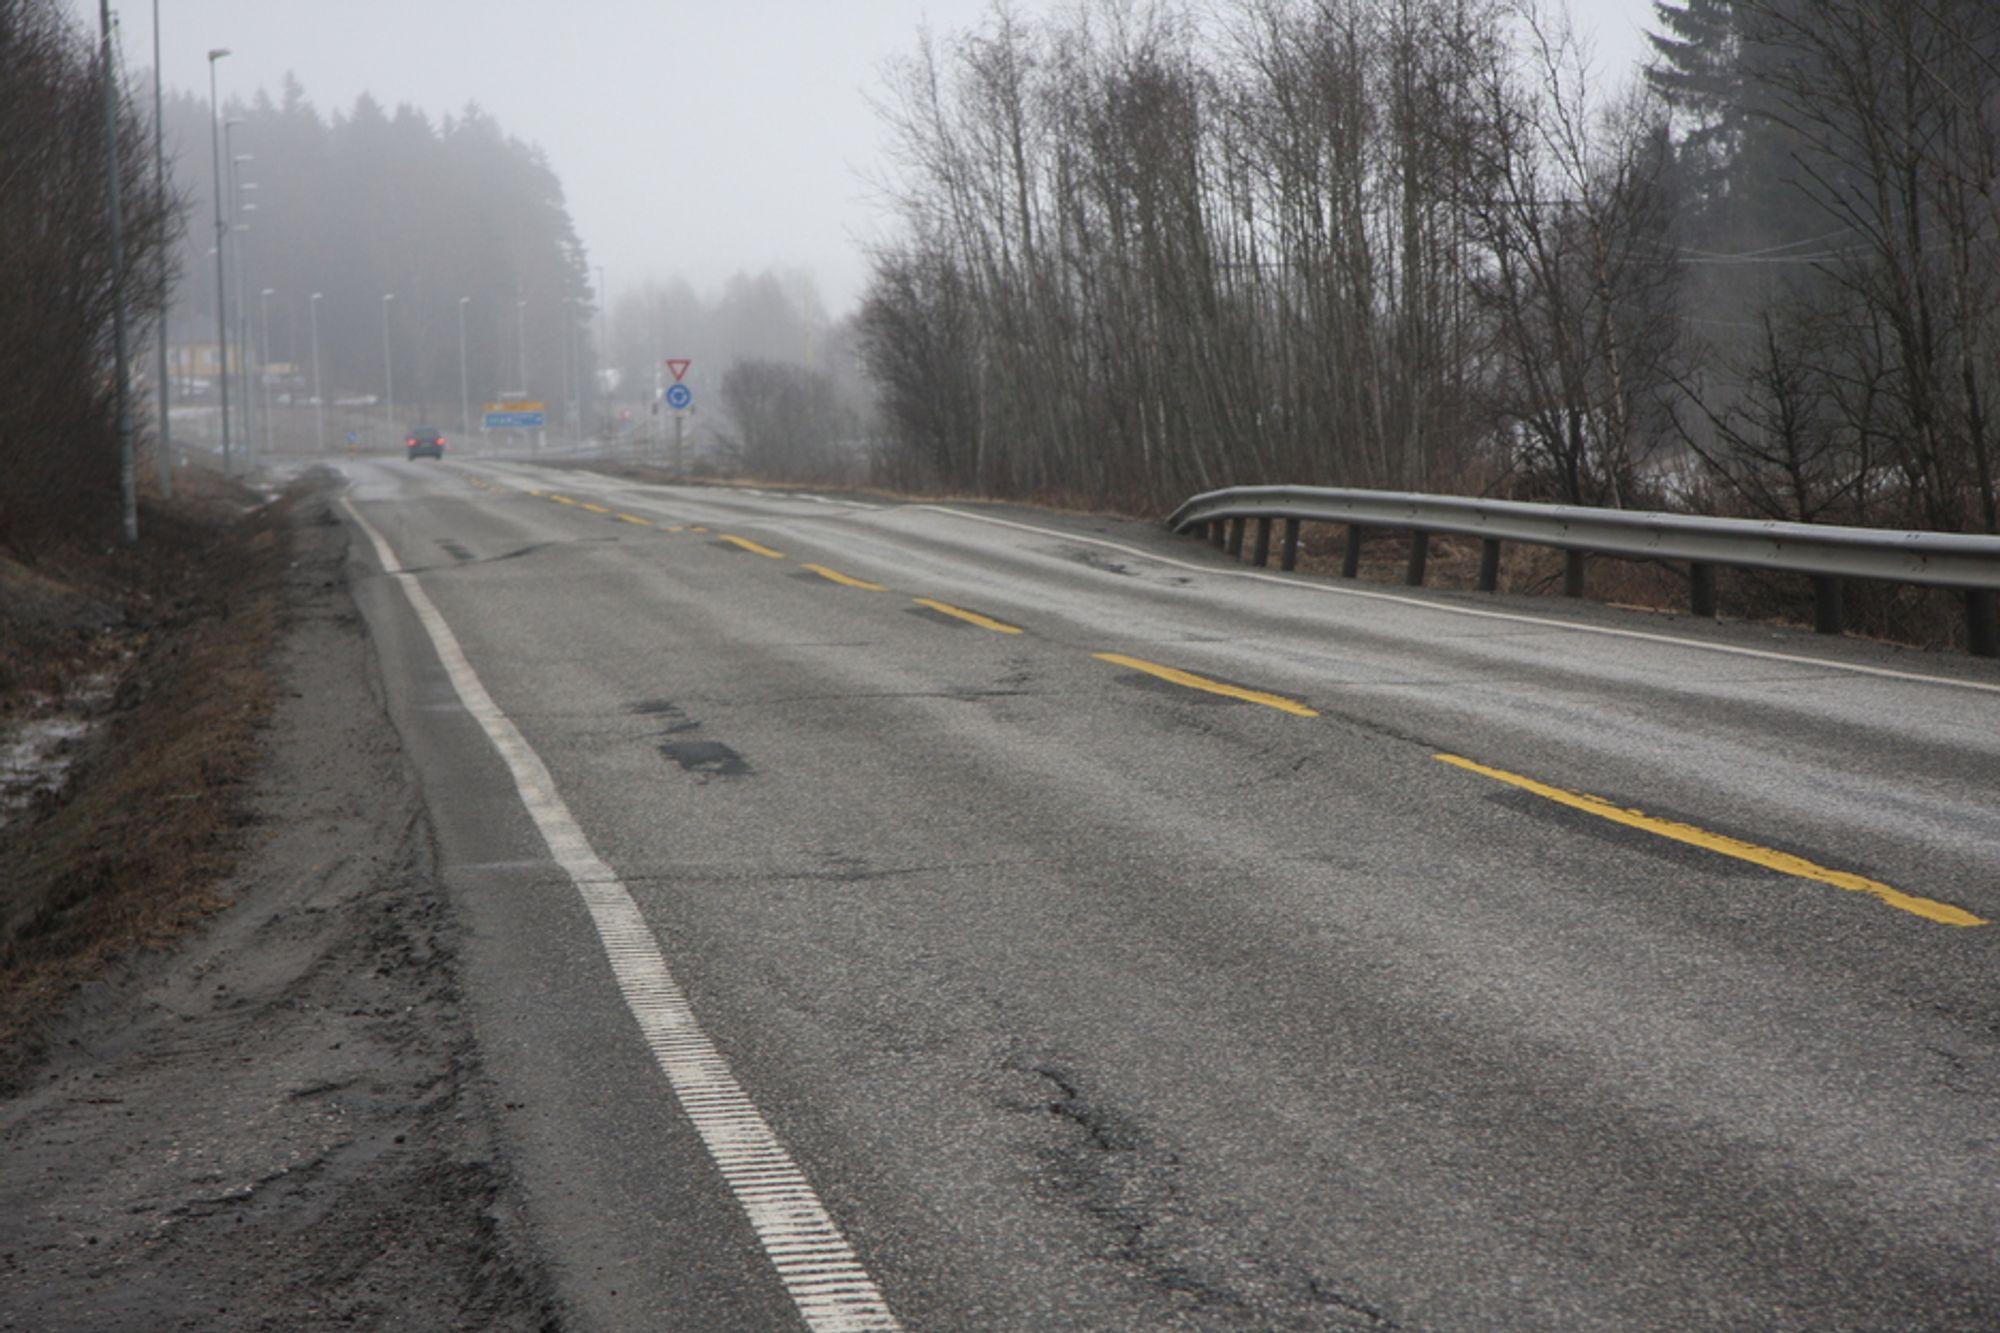 VEISKANDALEN: Er Vegvesenets oppfølging når det gjelder faglig kontroll av teknisk kvalitet på nye veier god nok?